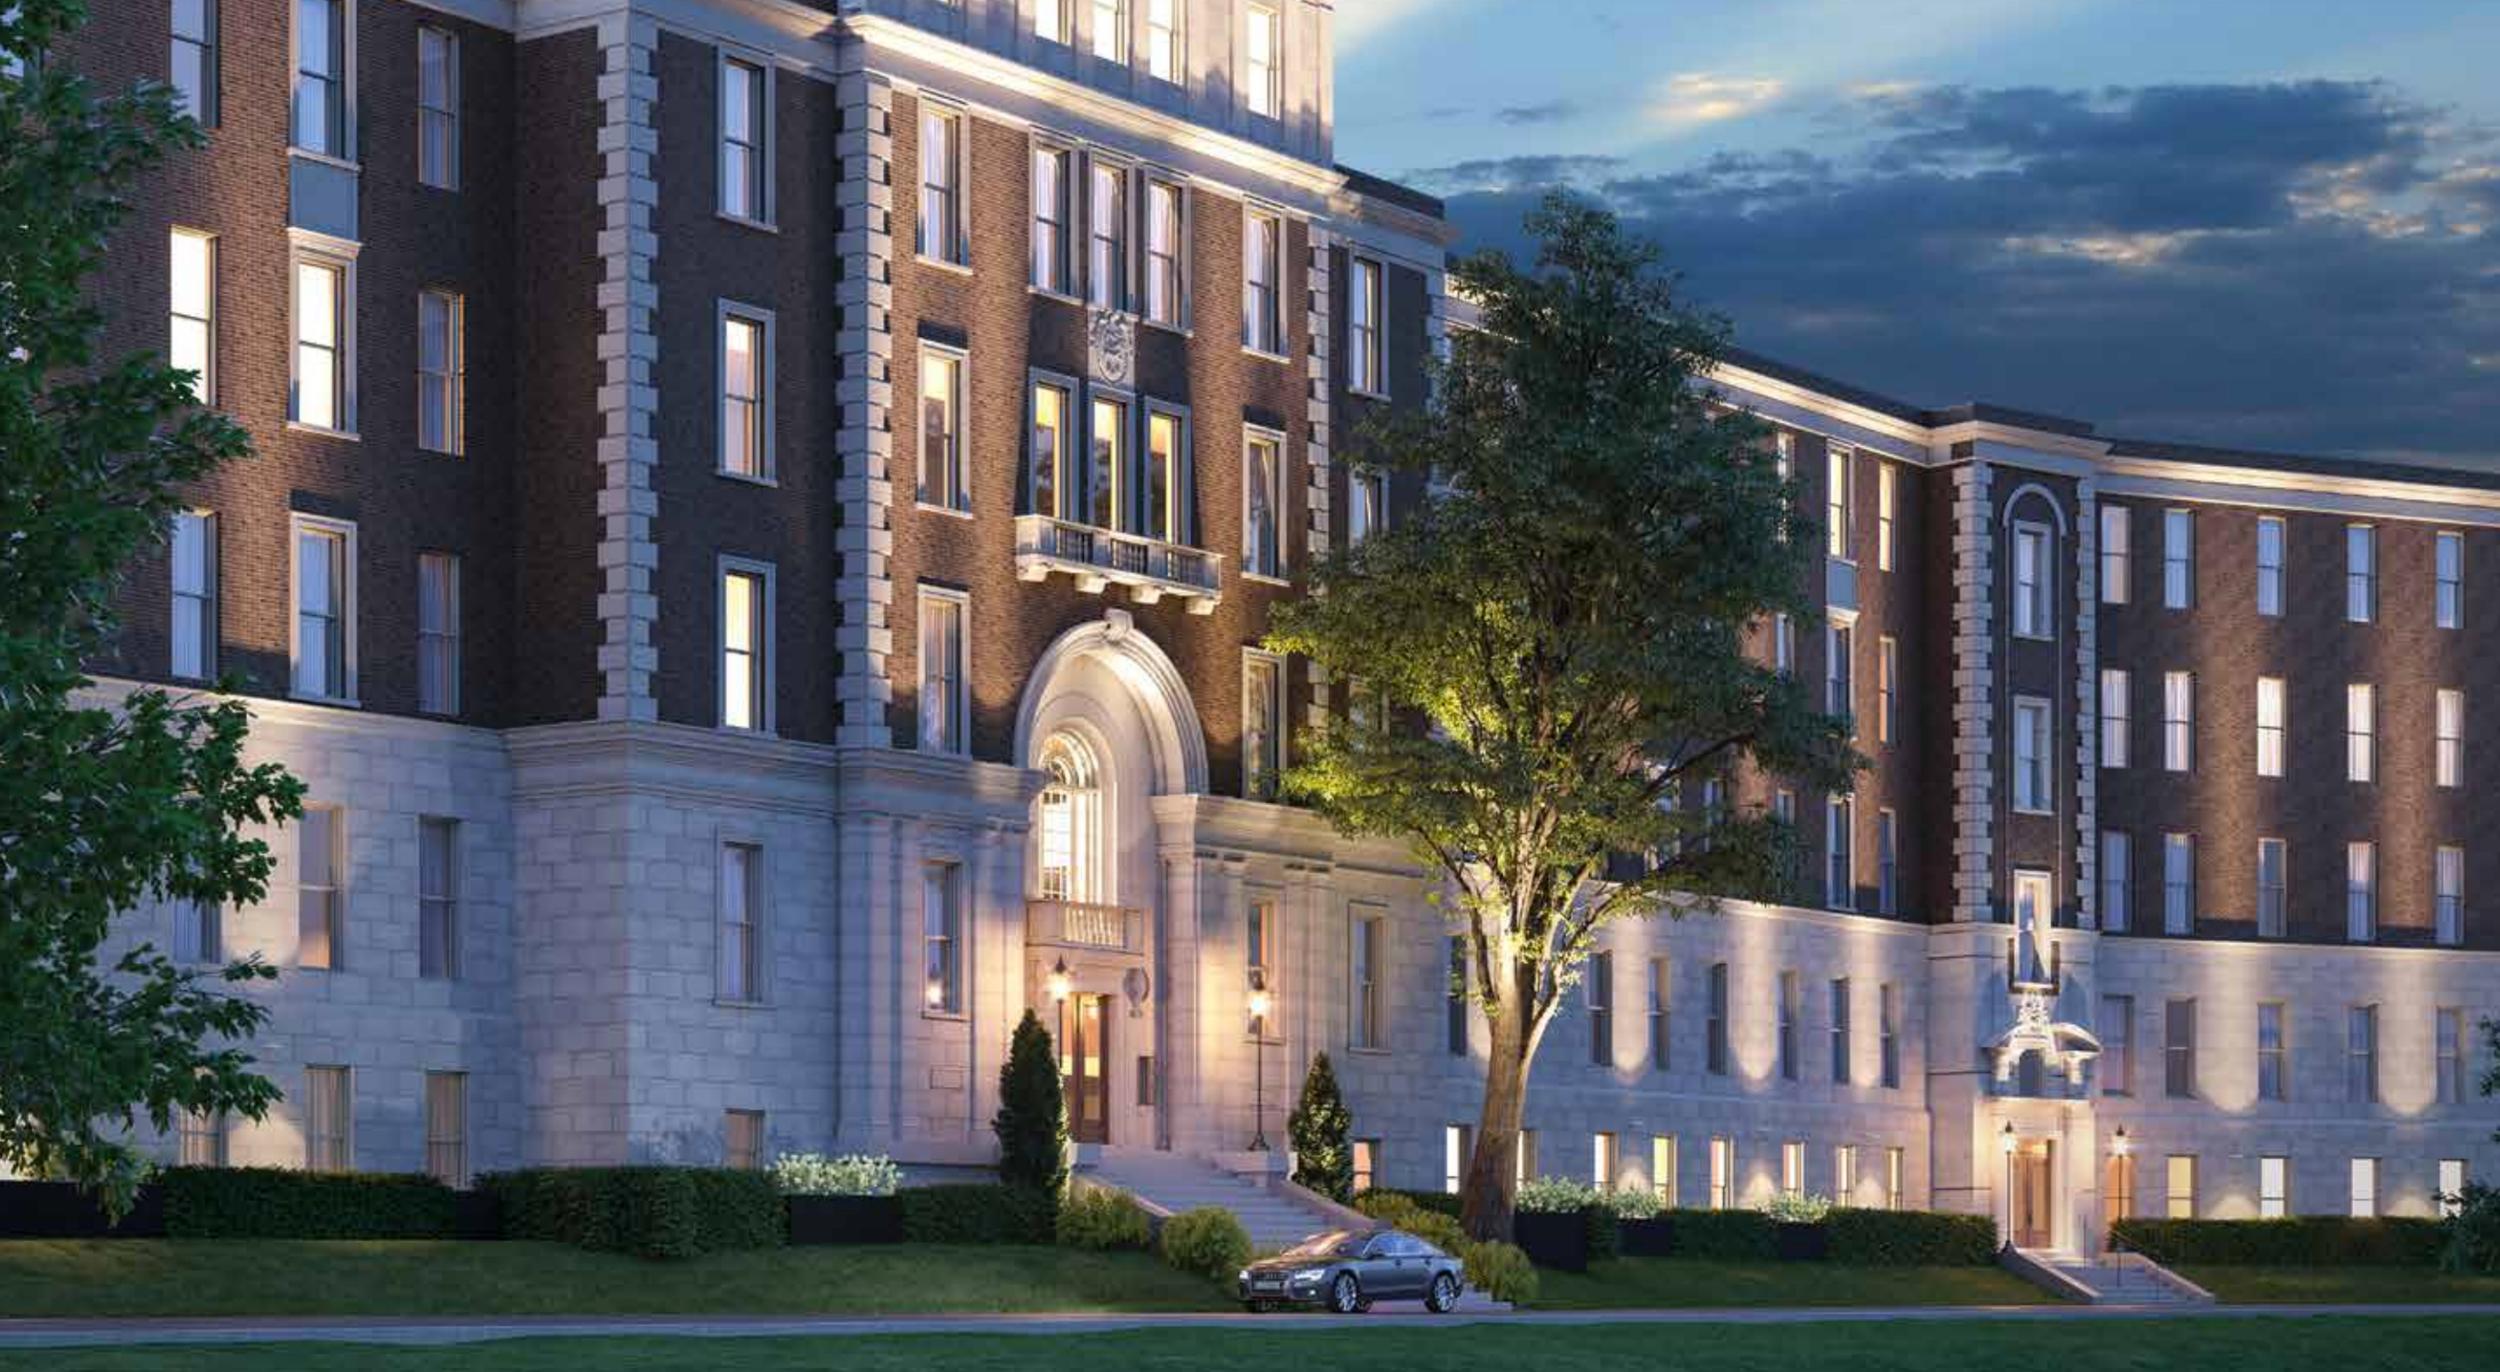 Le 1420 Boul. Mont-Royal - Courtier immobilier exclusif Centris pour les unités vendues dans le projet immobilier le plus prestigieux de Montréal. Le 1420 Boulevard Mont-Royal offre 150 unités de condos et penthouses luxueux au pied du Mont-Royal.www.le1420.ca